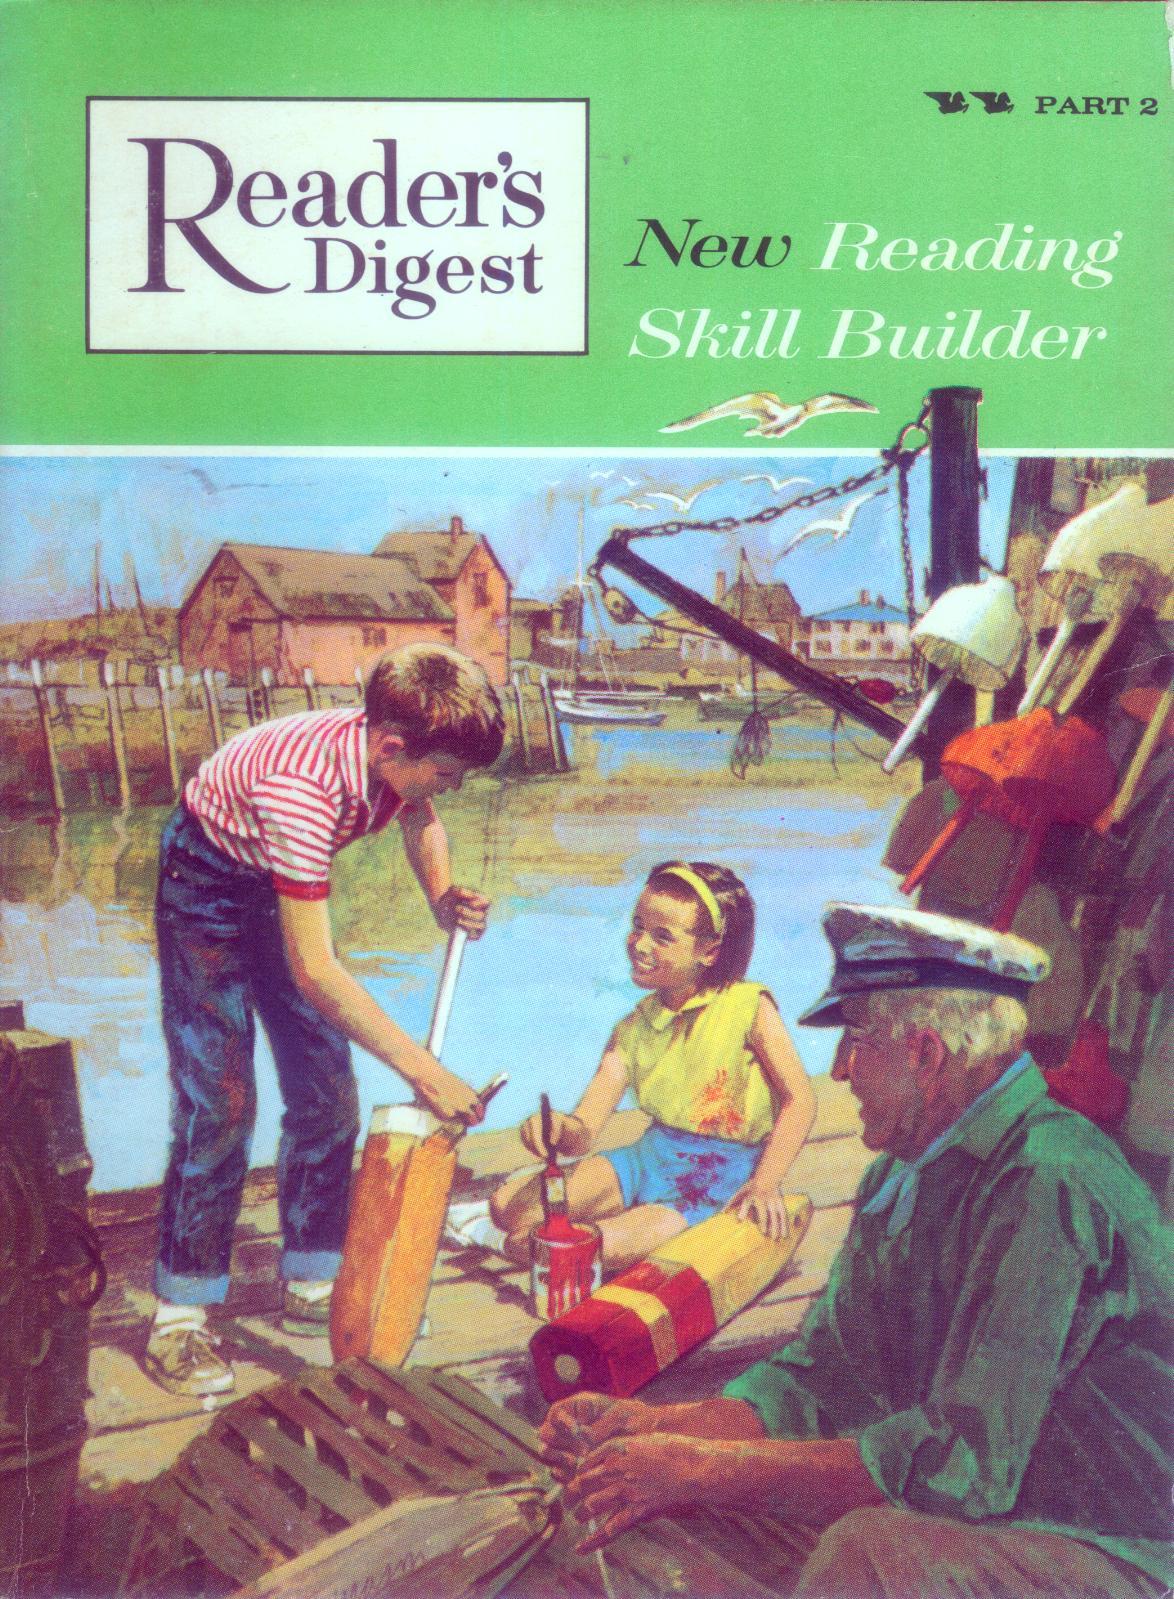 New Reading Skill Builder Part 2 No. 322